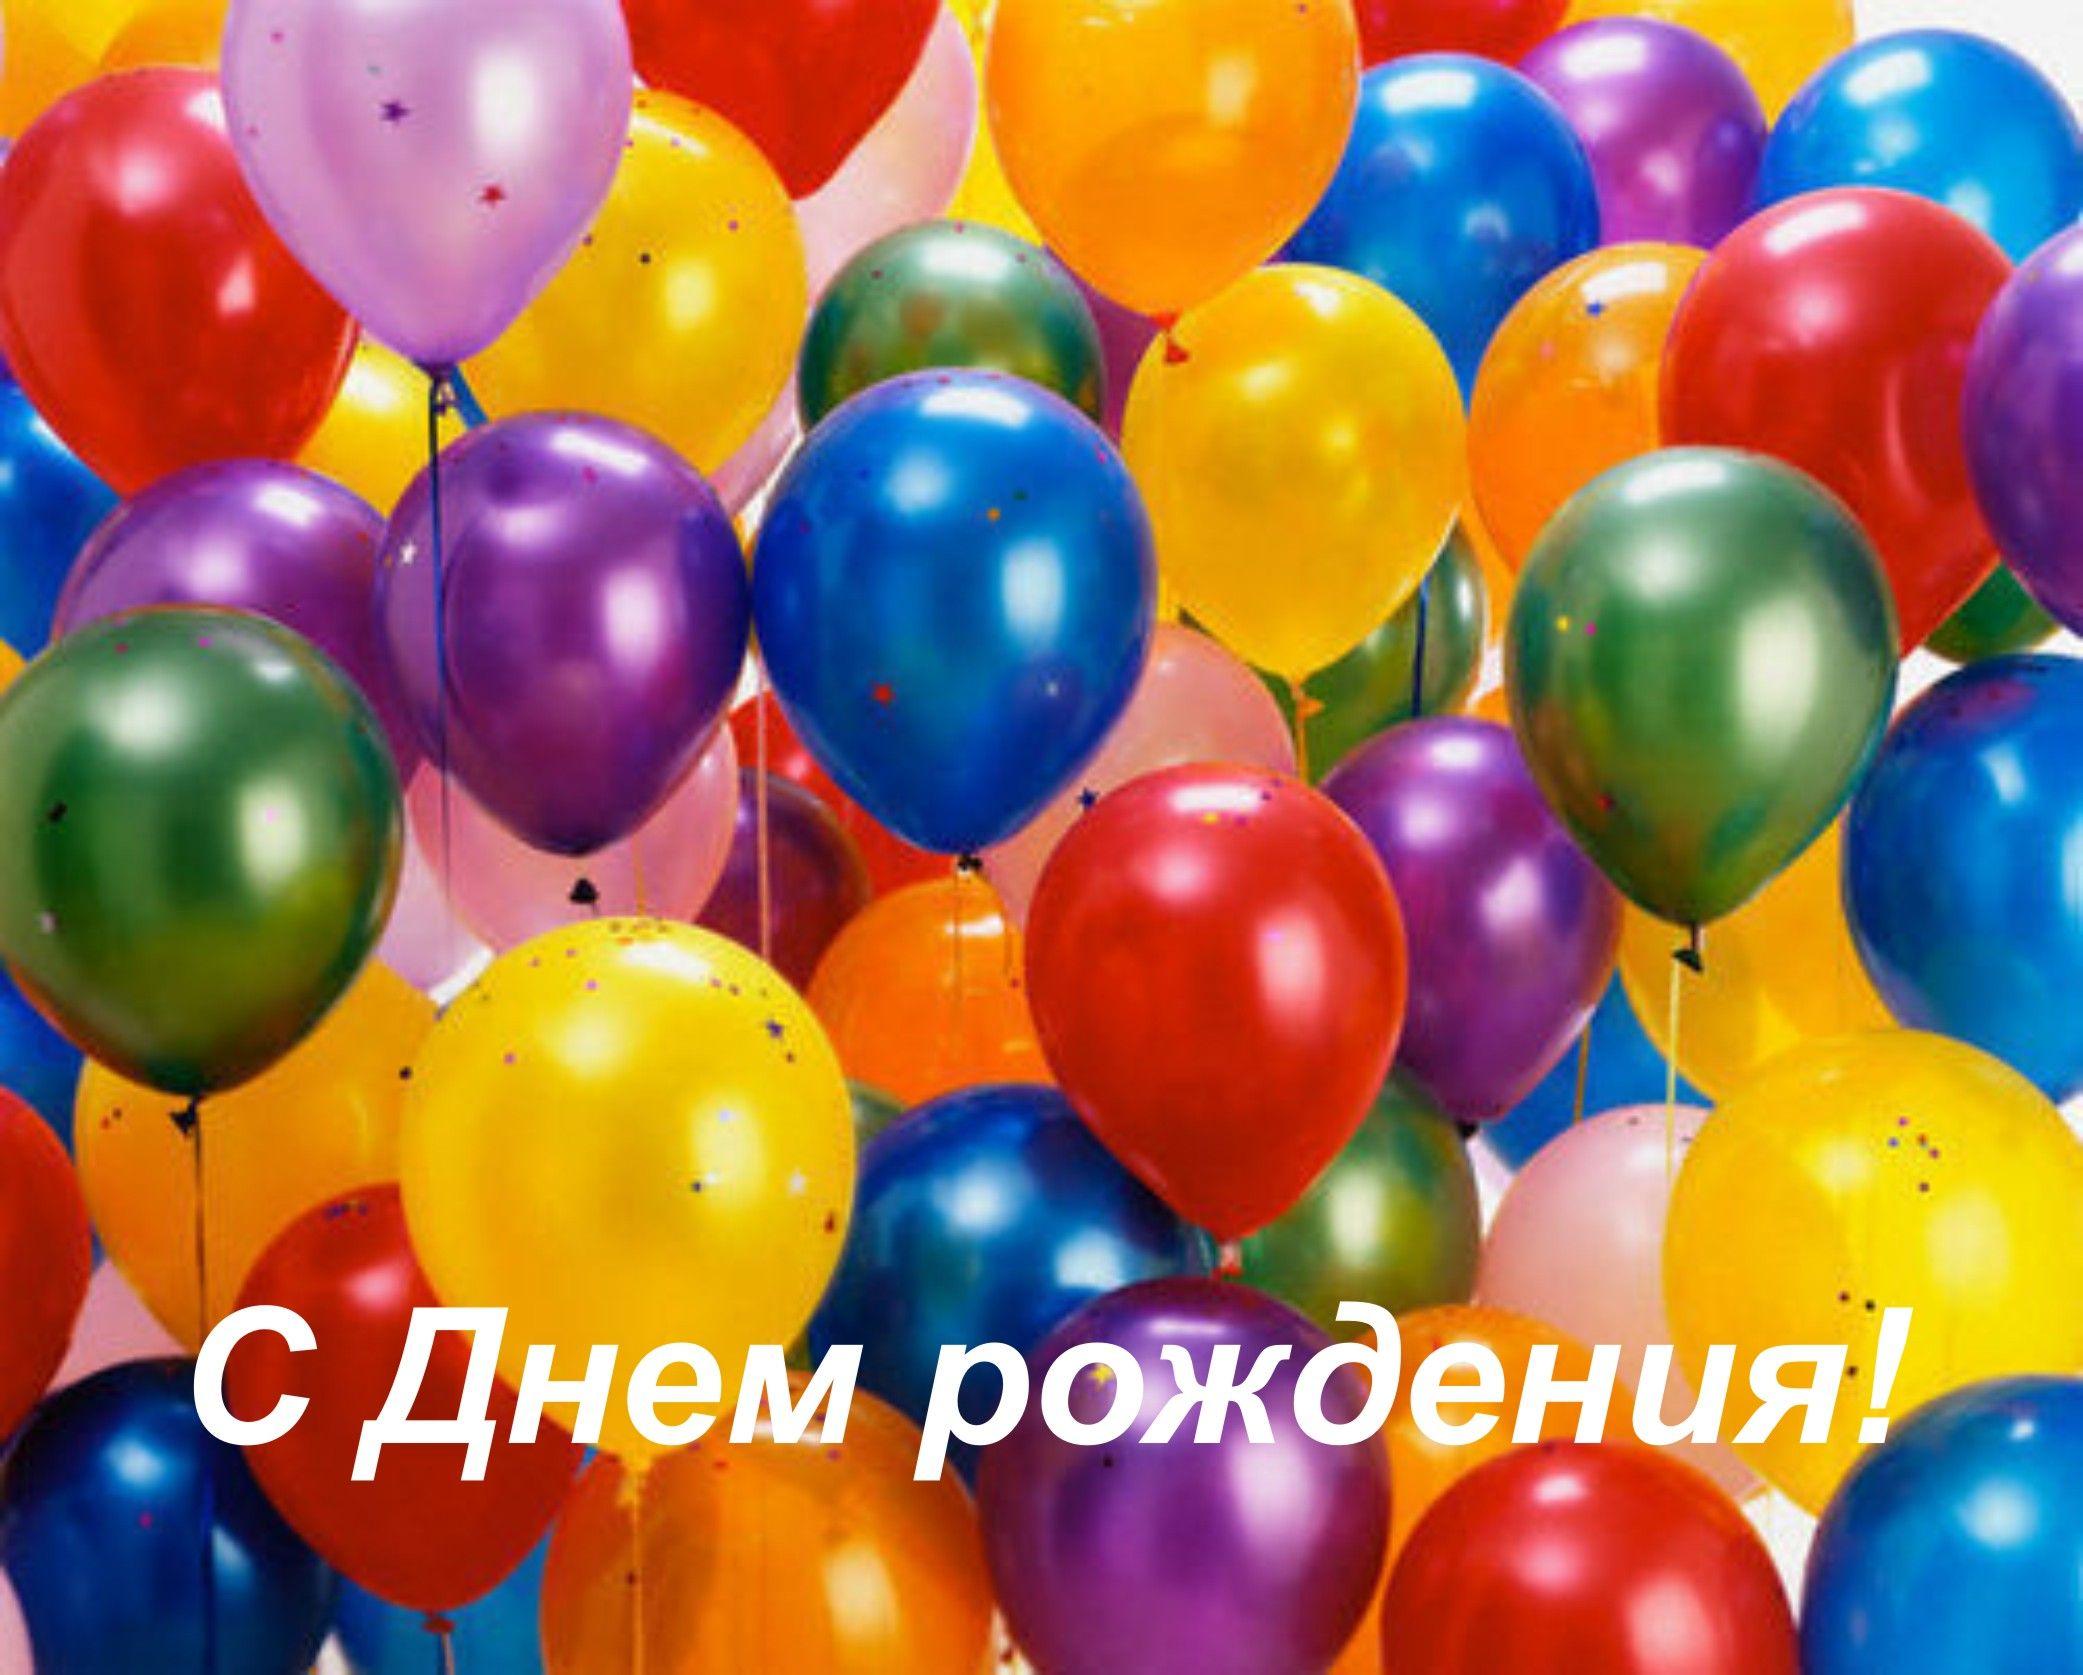 https://s-media-cache-ak0.pinimg.com/originals/fc/f3/f0/fcf3f0a8881b1fd230171a256ed6c376.jpg